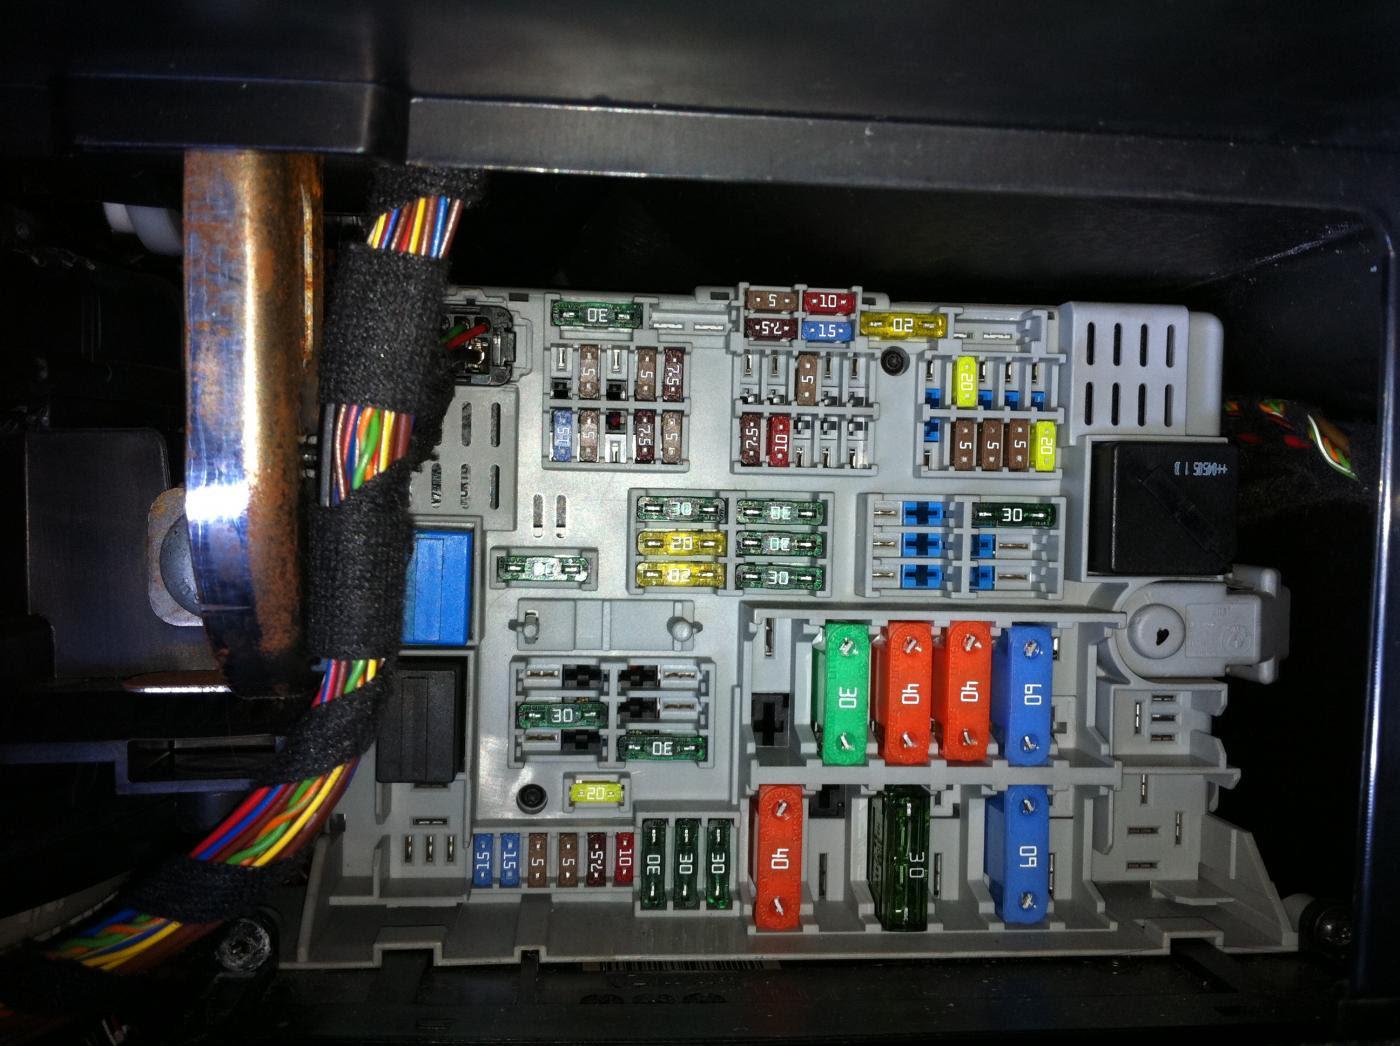 2008 Bmw X5 Fuse Box Diagram